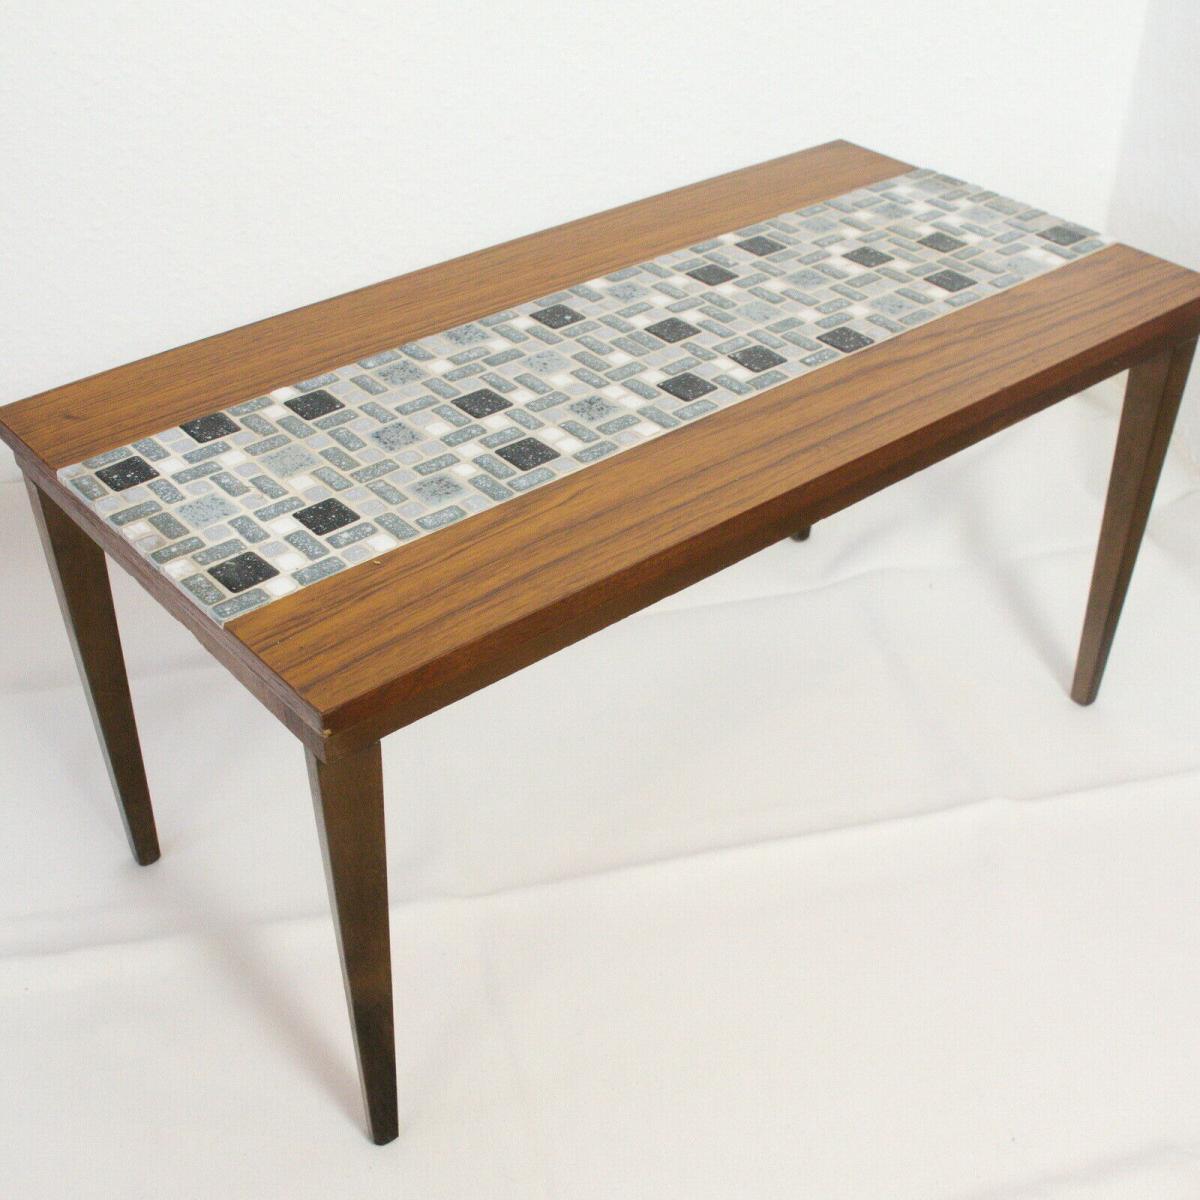 Midcentury blumenbank mosaik bank in nussbaum kunststoff furnier 60er jahre 0